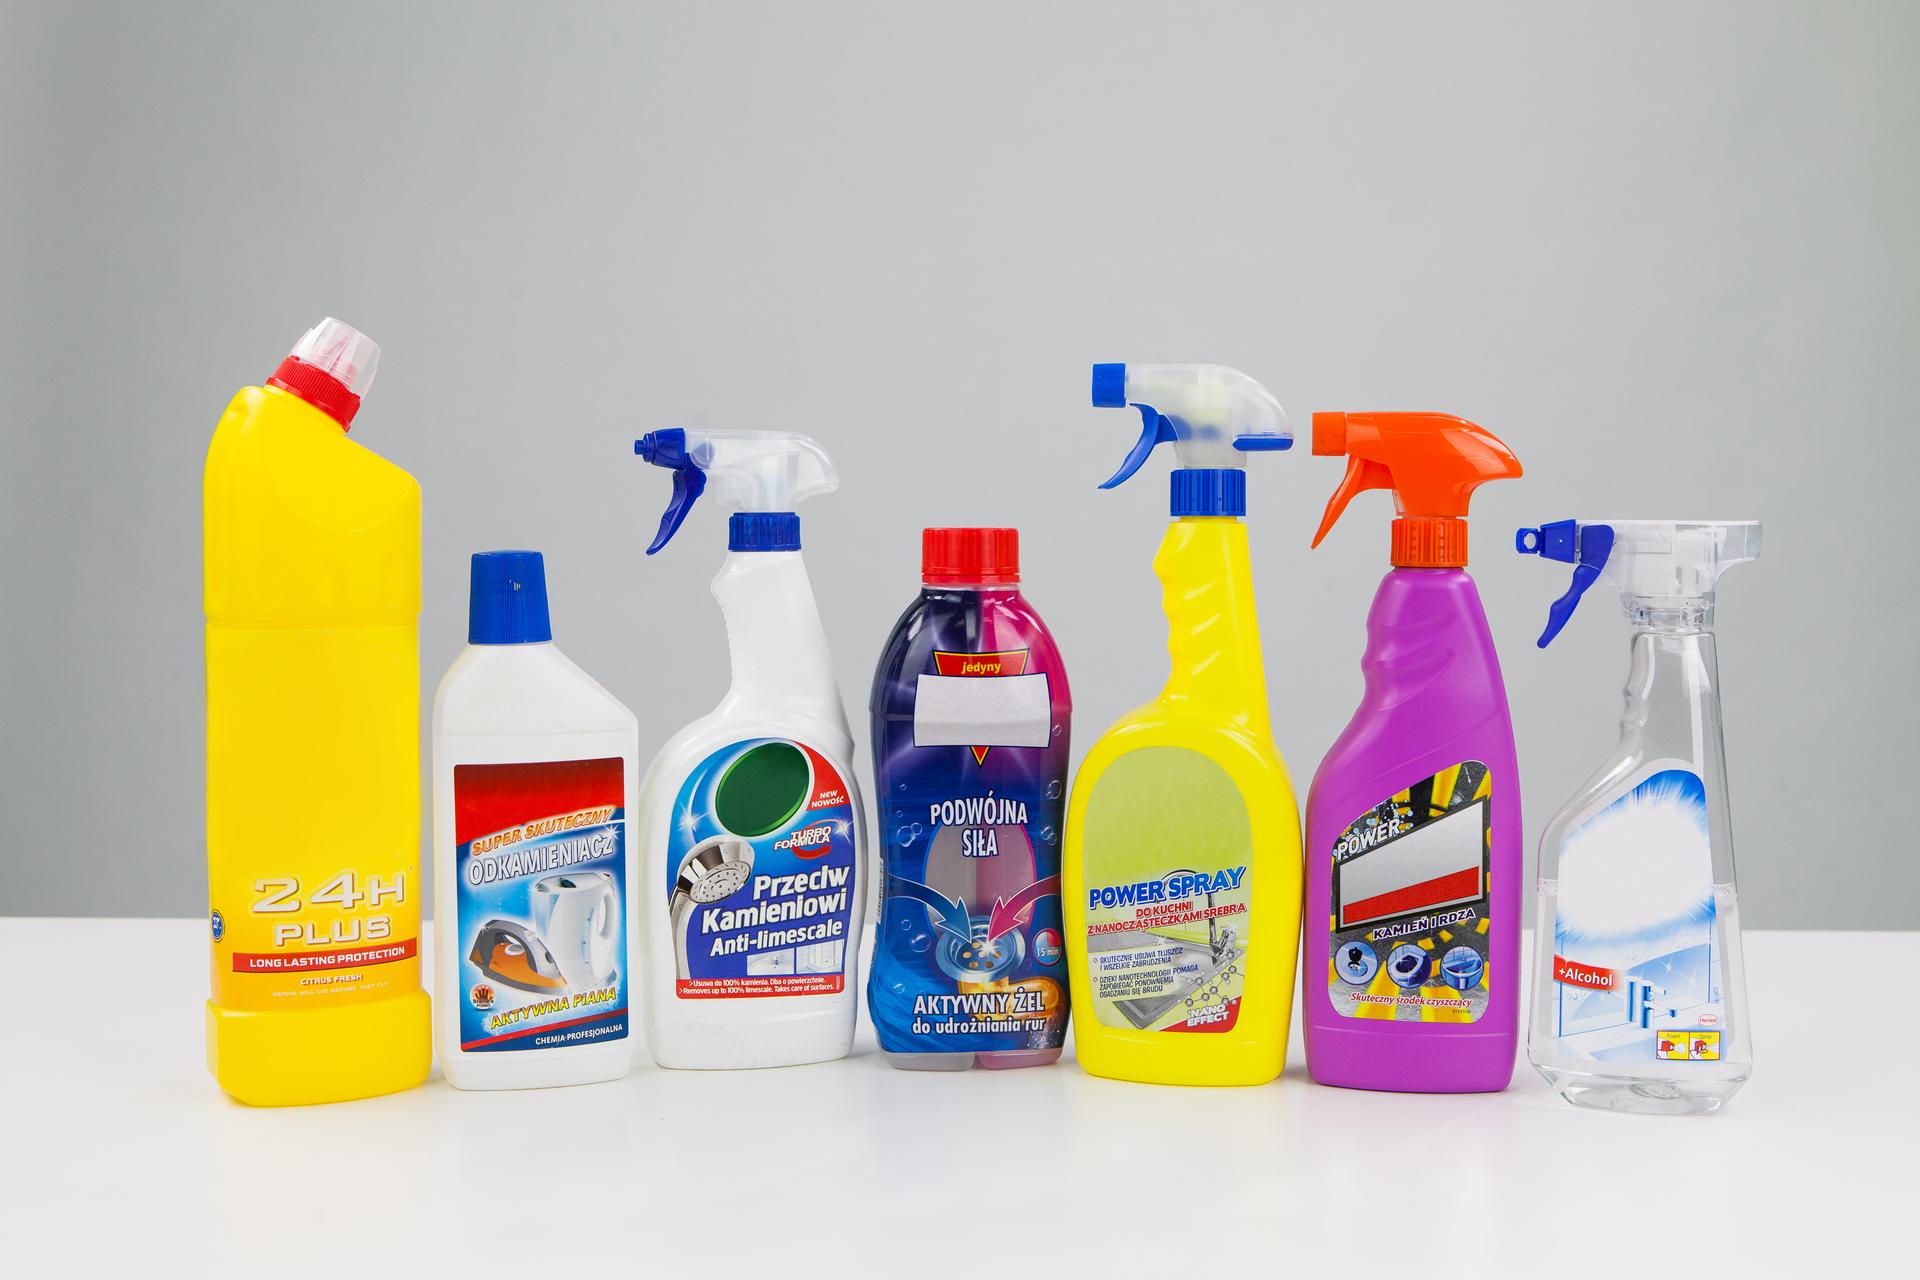 Zdjęcie przedstawia popularne środki czystości wróżnych pojemnikach. Detergenty wpostaci płynu są wpięciu plastikowych butelkach ułożonych wpółokrąg. Po lewej stronie dwie butelki zakończone są ręcznymi spryskiwaczami. Trzecia butelka zakończona pionowo ustawionym dozownikiem, pozostałe dwie mają kolejno korek izakrętkę zzabezpieczeniem przed otwarciem przez dzieci. Przed butelkami, na pierwszym planie pionowo stojące pudełko. Na prawo od pudełka plastikowy mniejszy okrągły pojemnik zzakrętką.